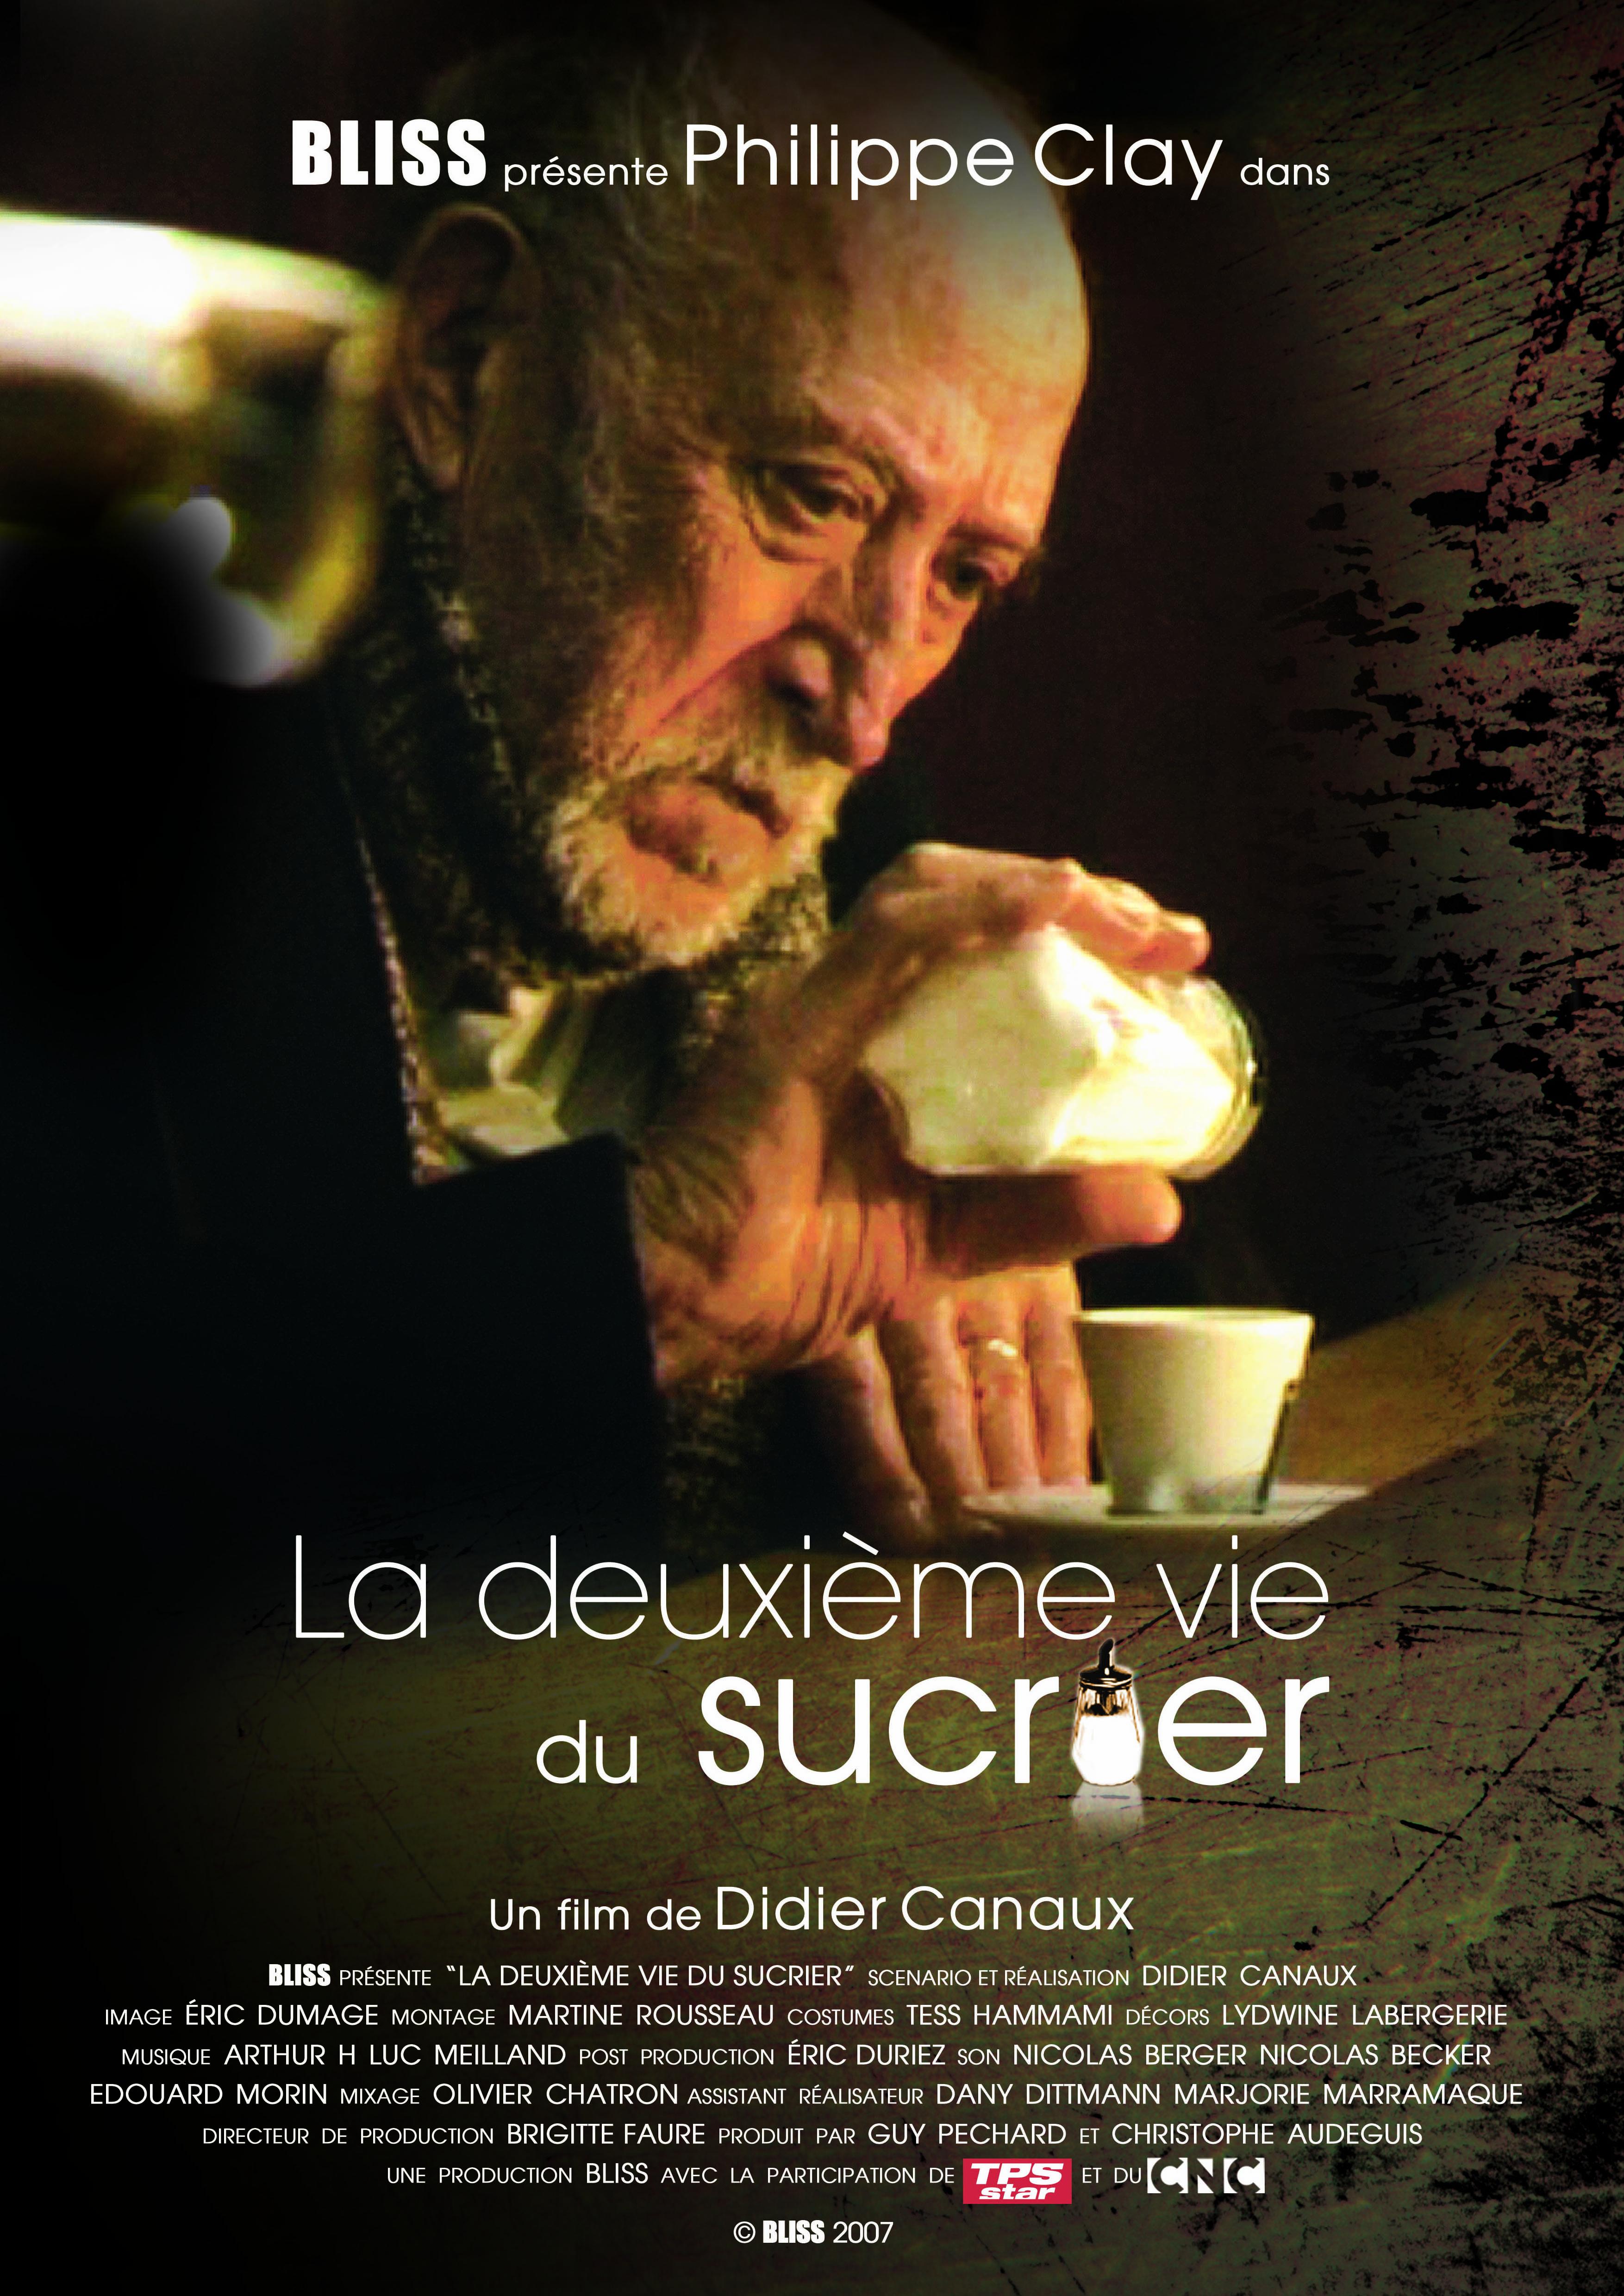 la deuxieme vie du sucrier